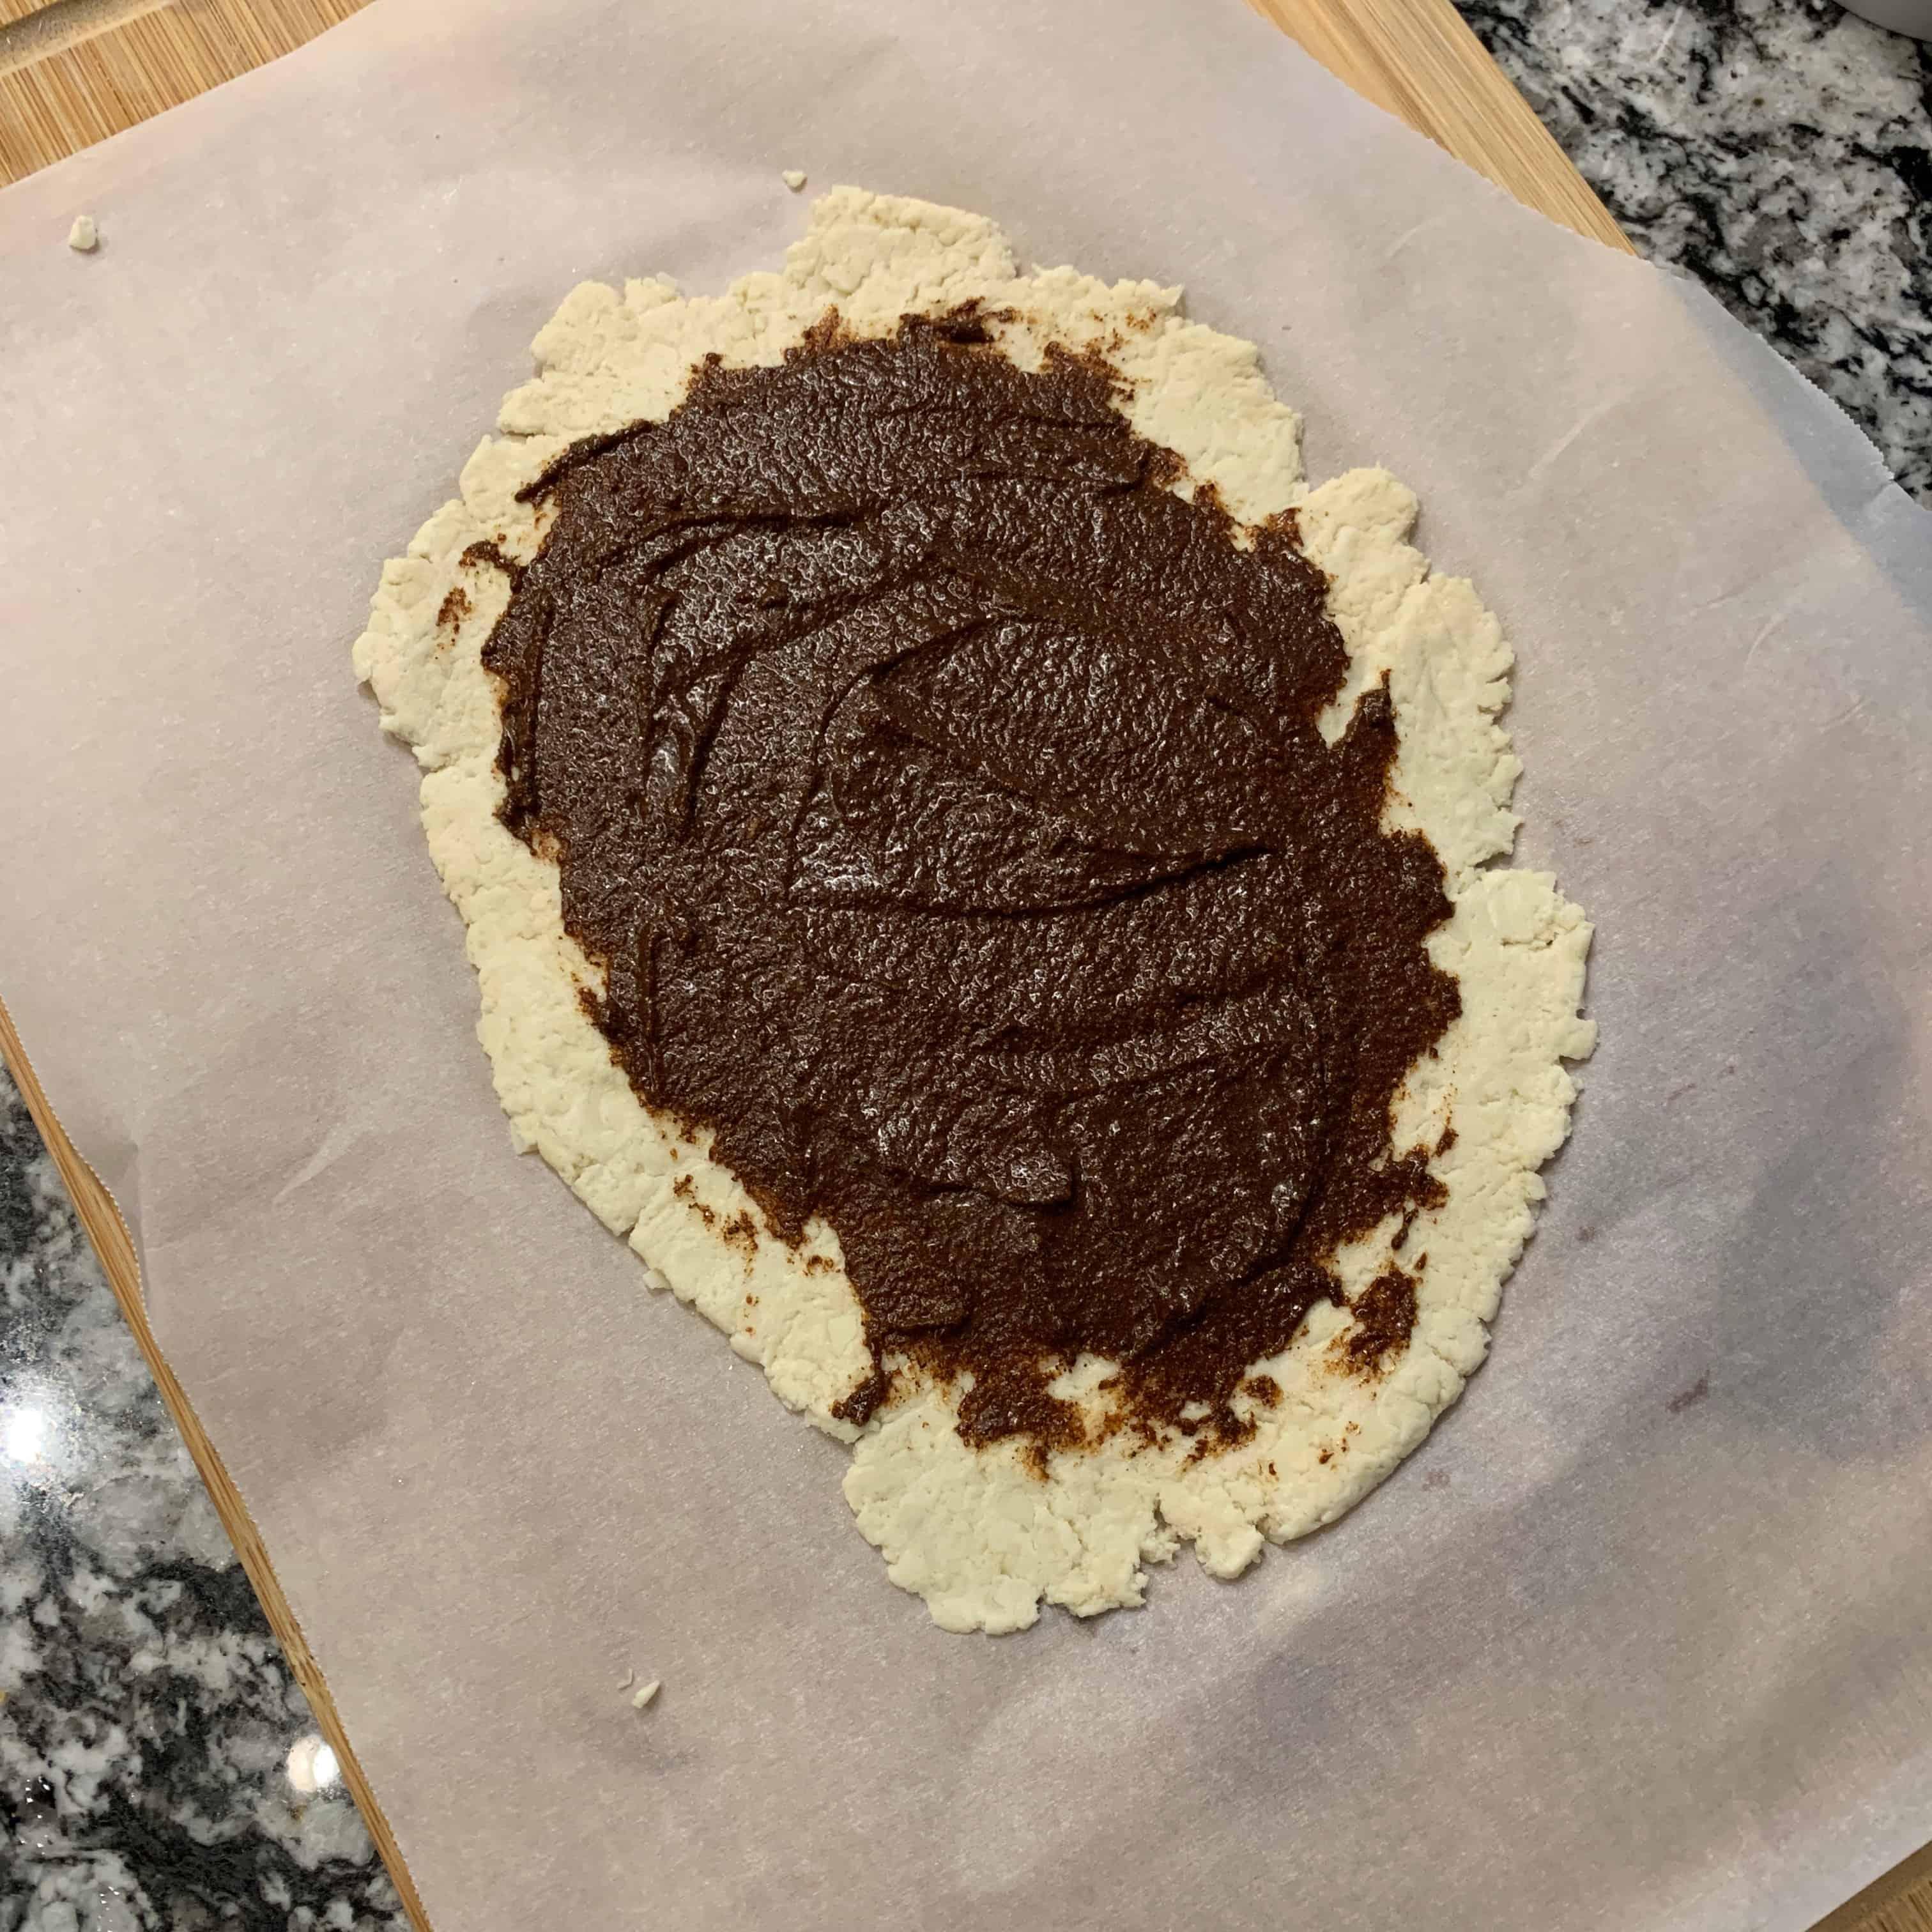 cinnamon sugar butter spread over the cinnamon roll dough